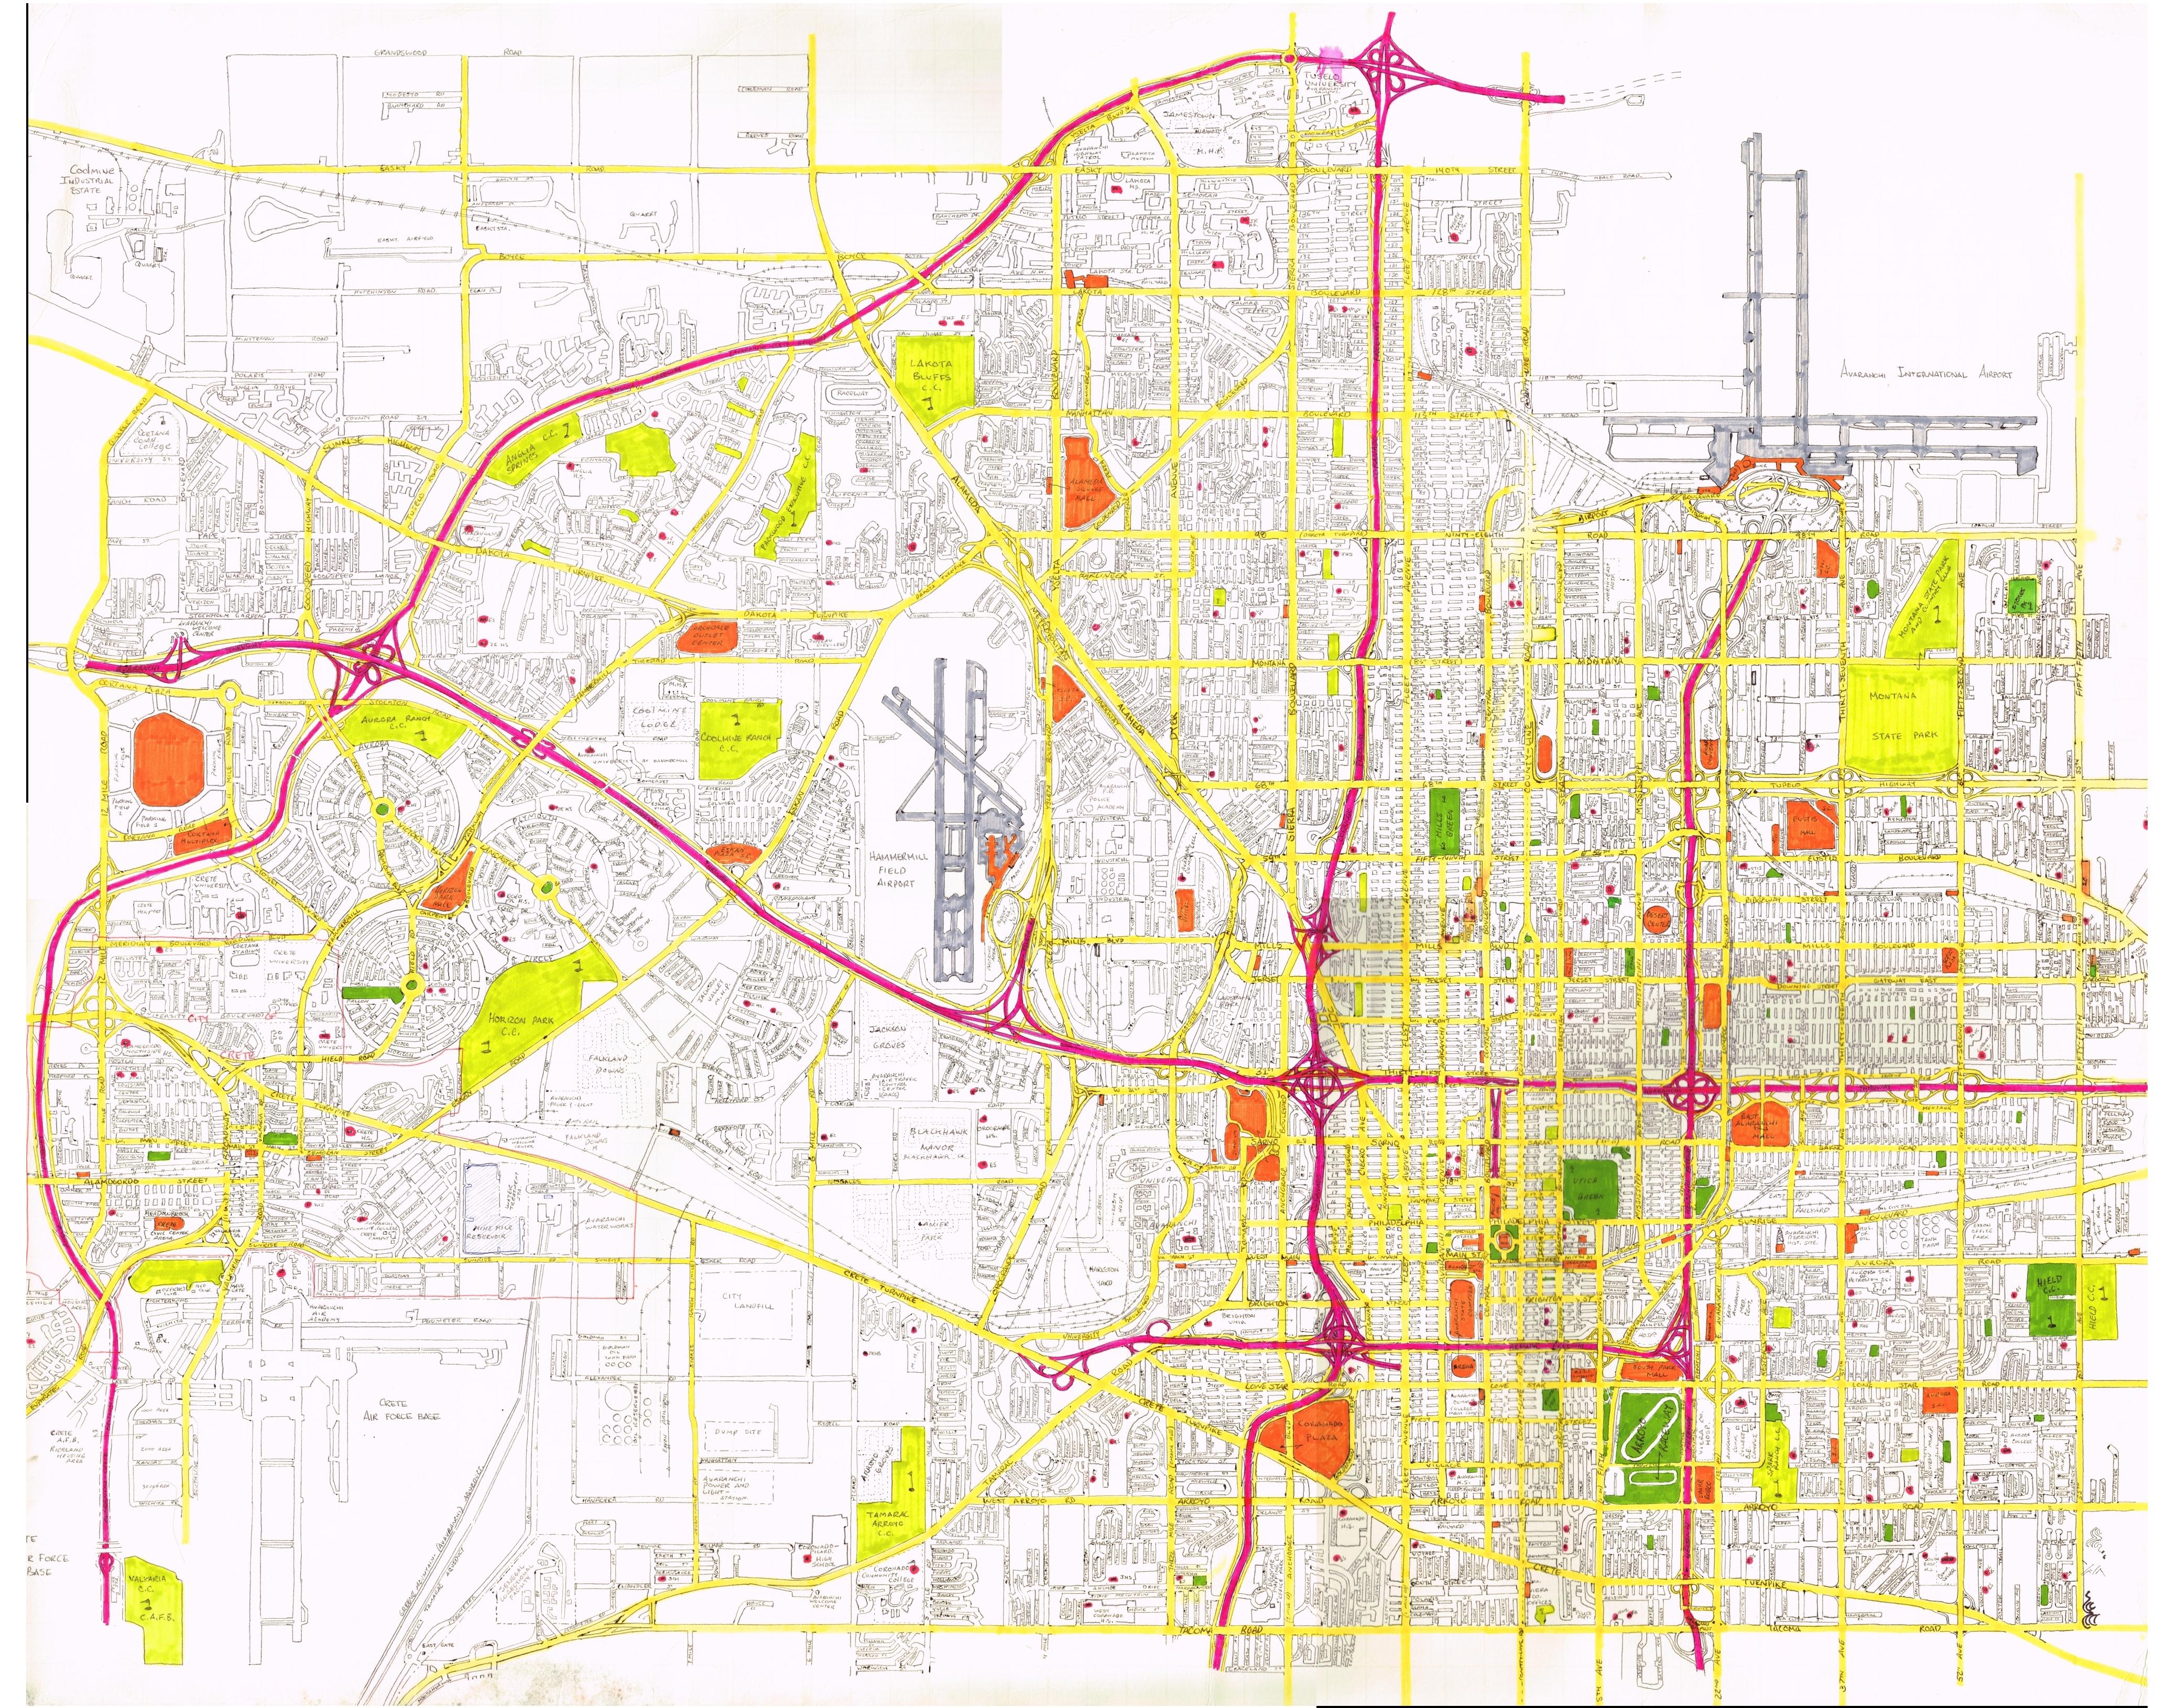 Avaranchi city map